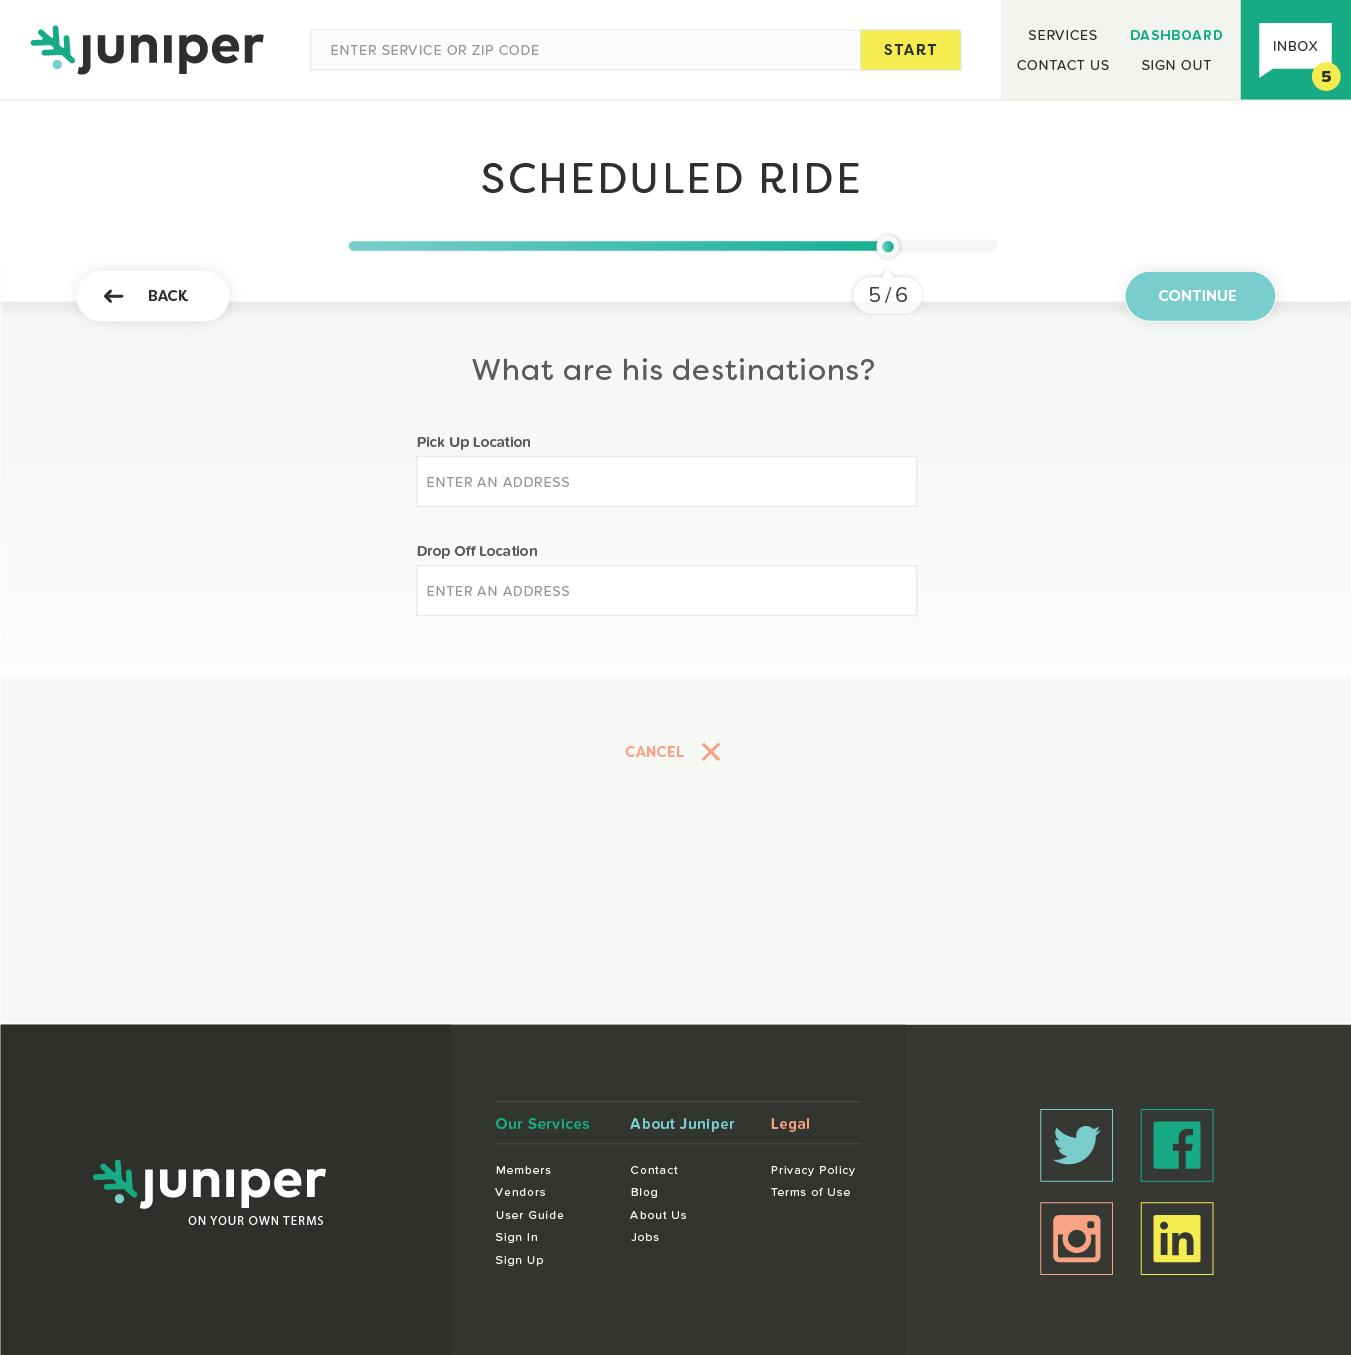 Juniper_Design_10.jpg